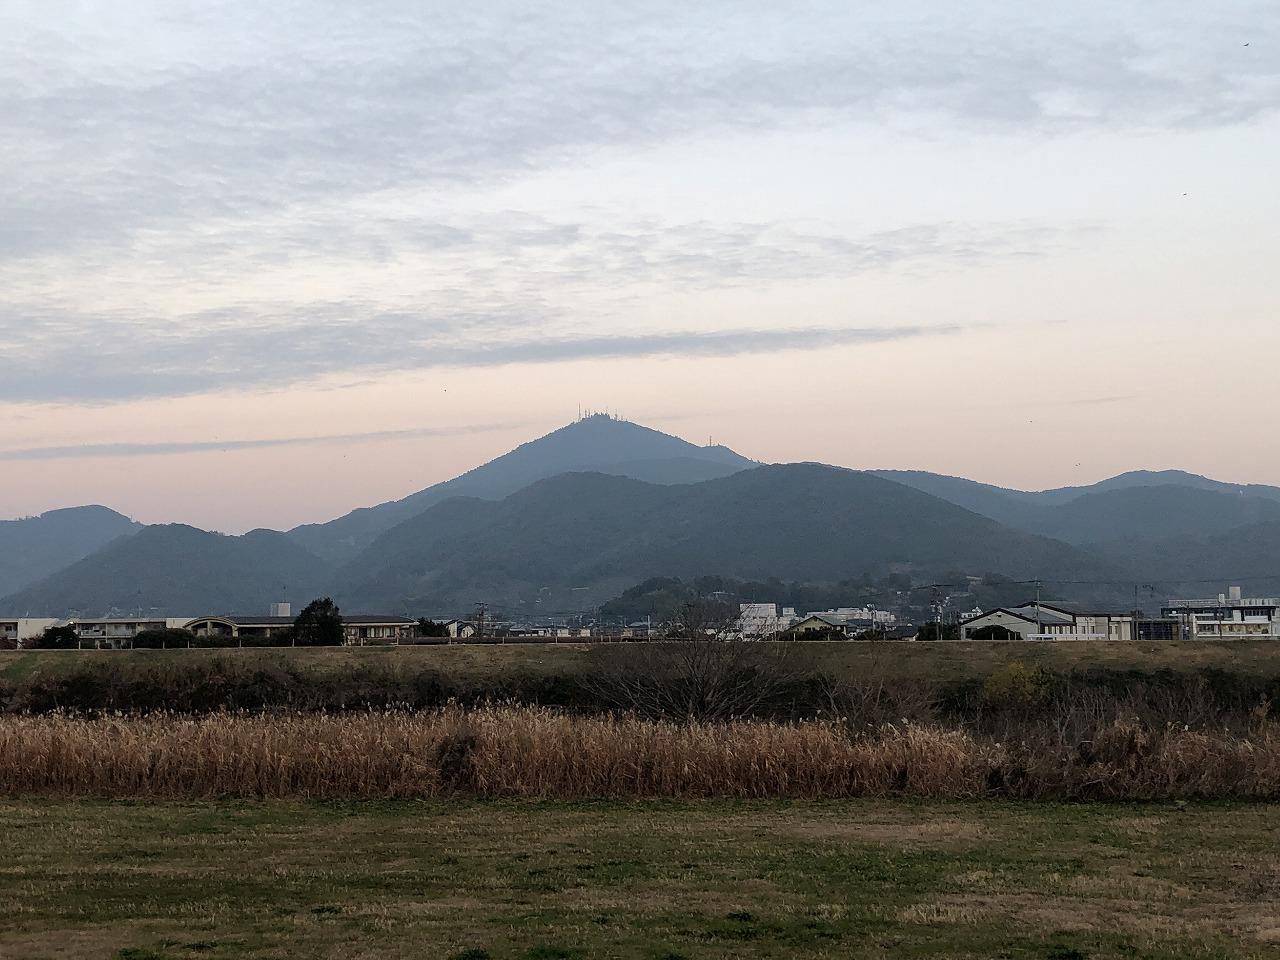 2020.1.10今朝の金峰山です。